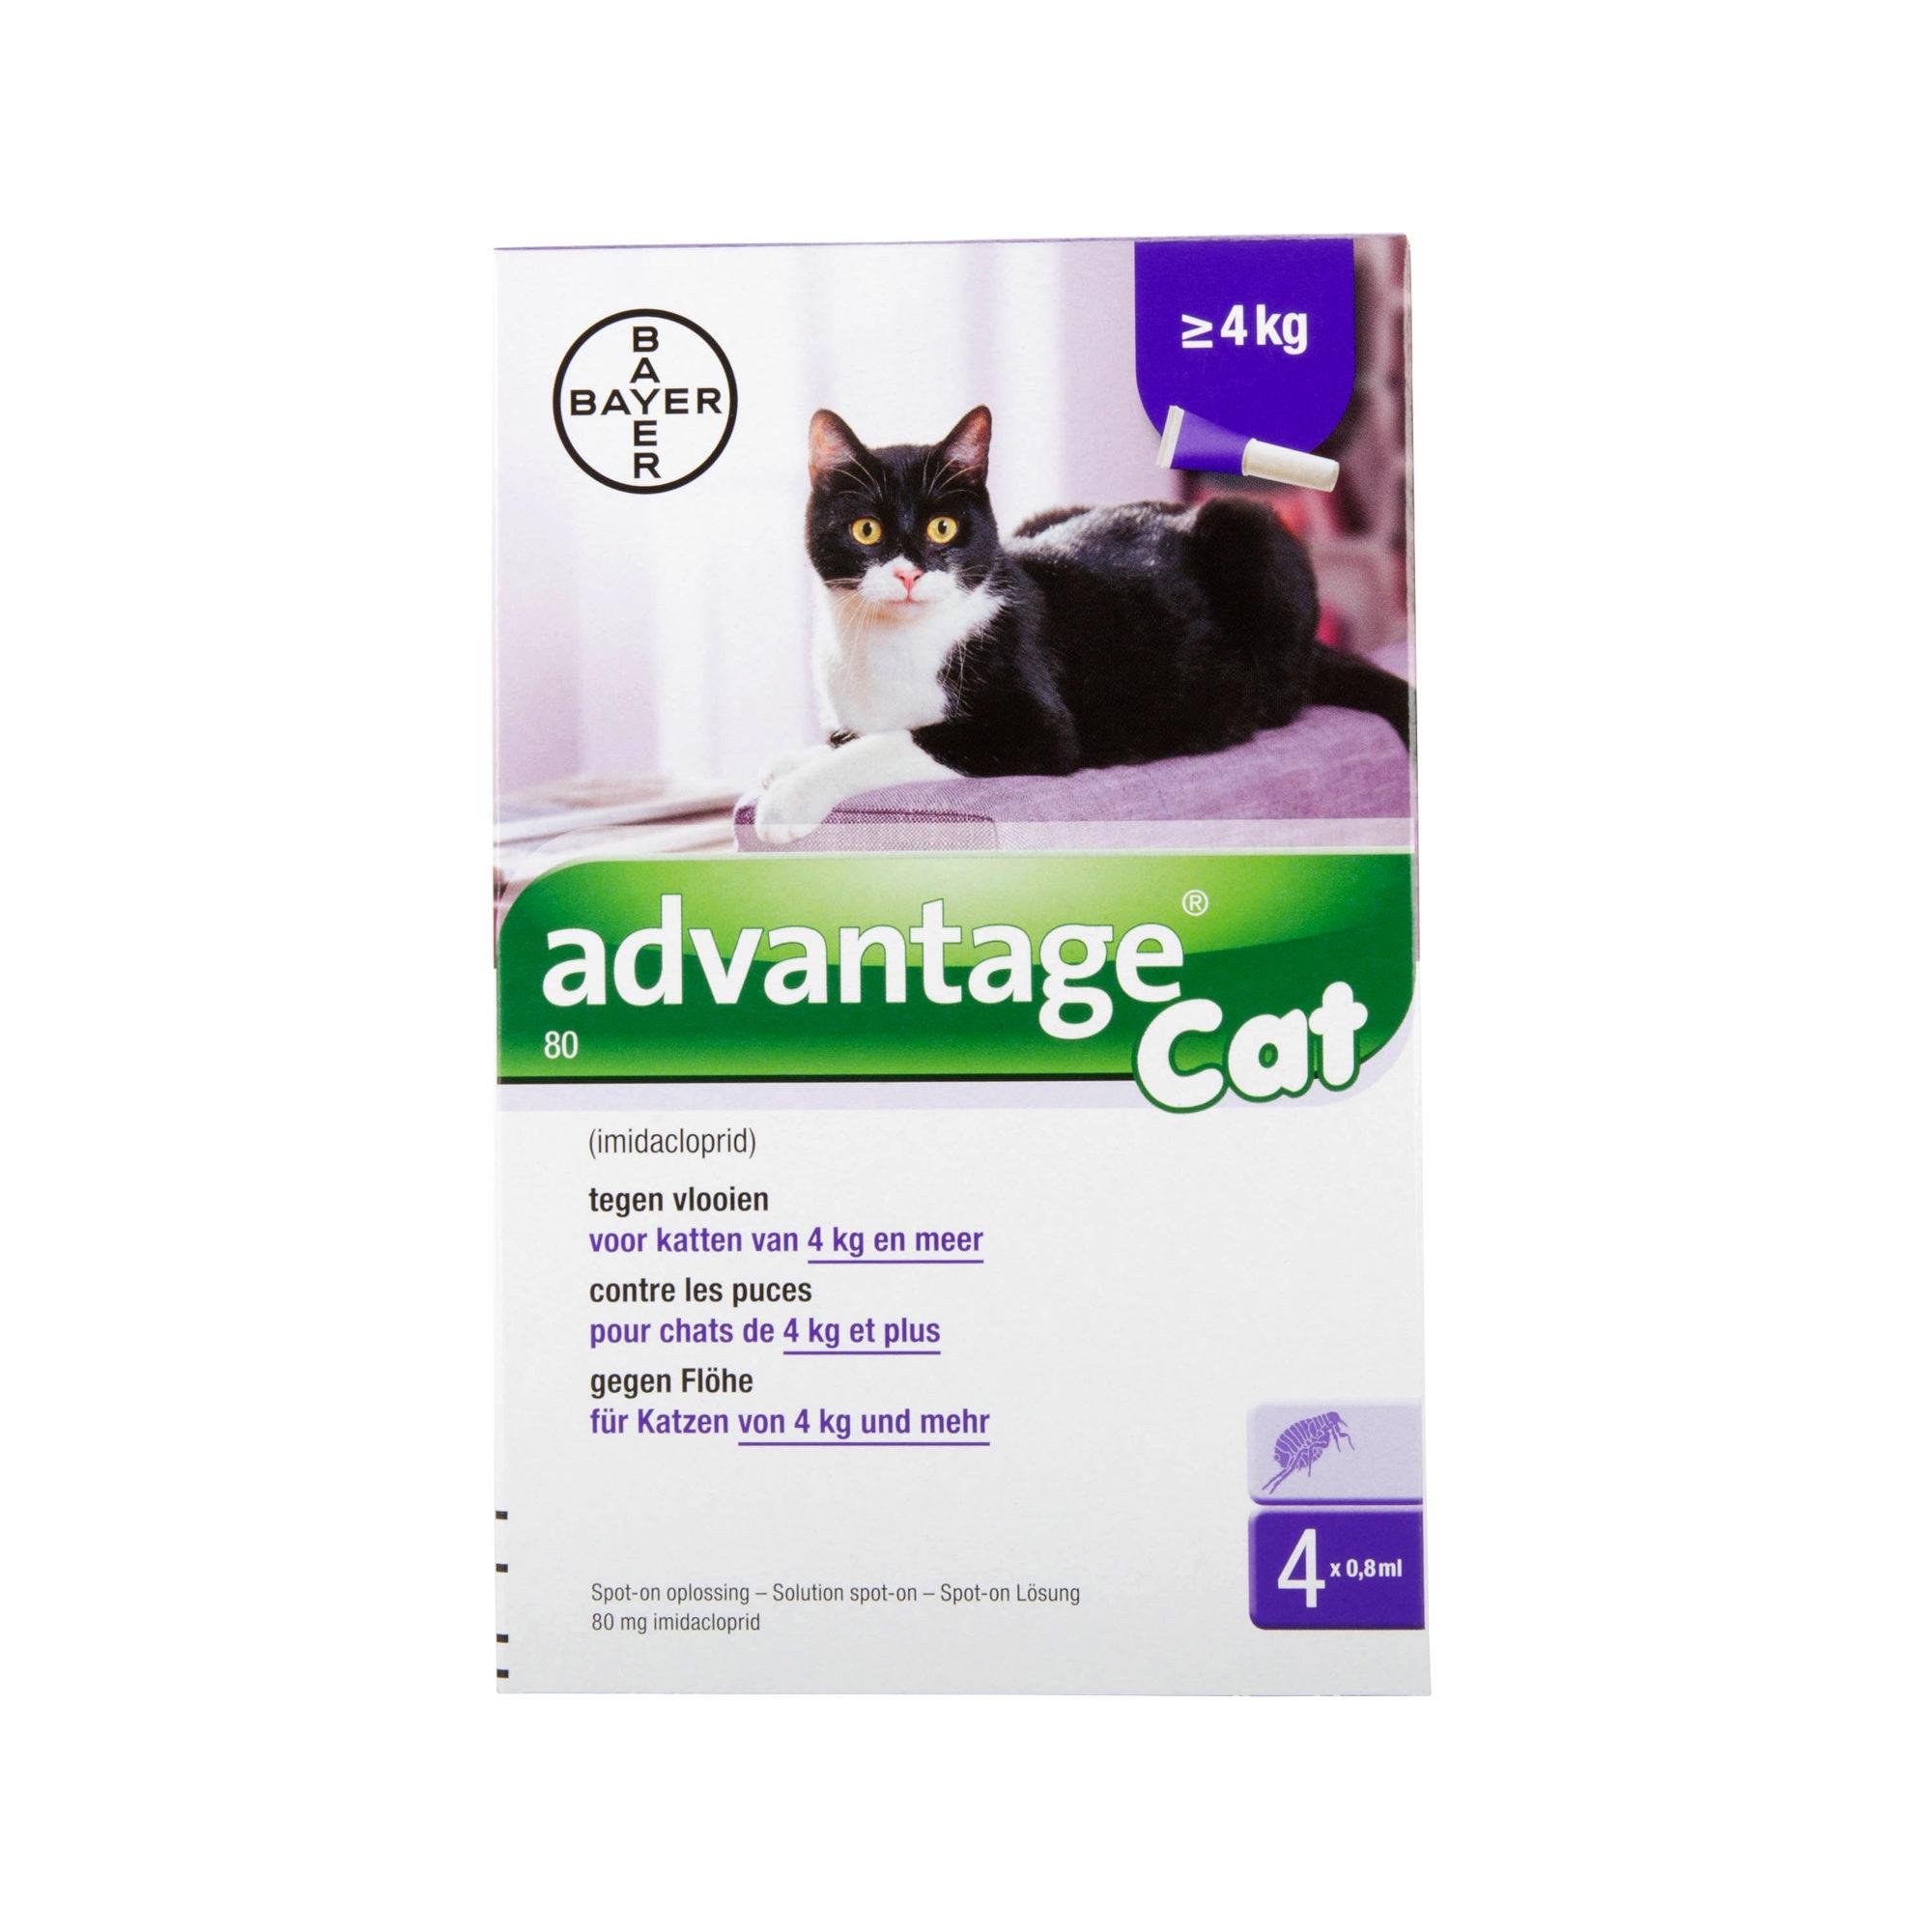 Advantage 80 Katze - mehr als 4 kg